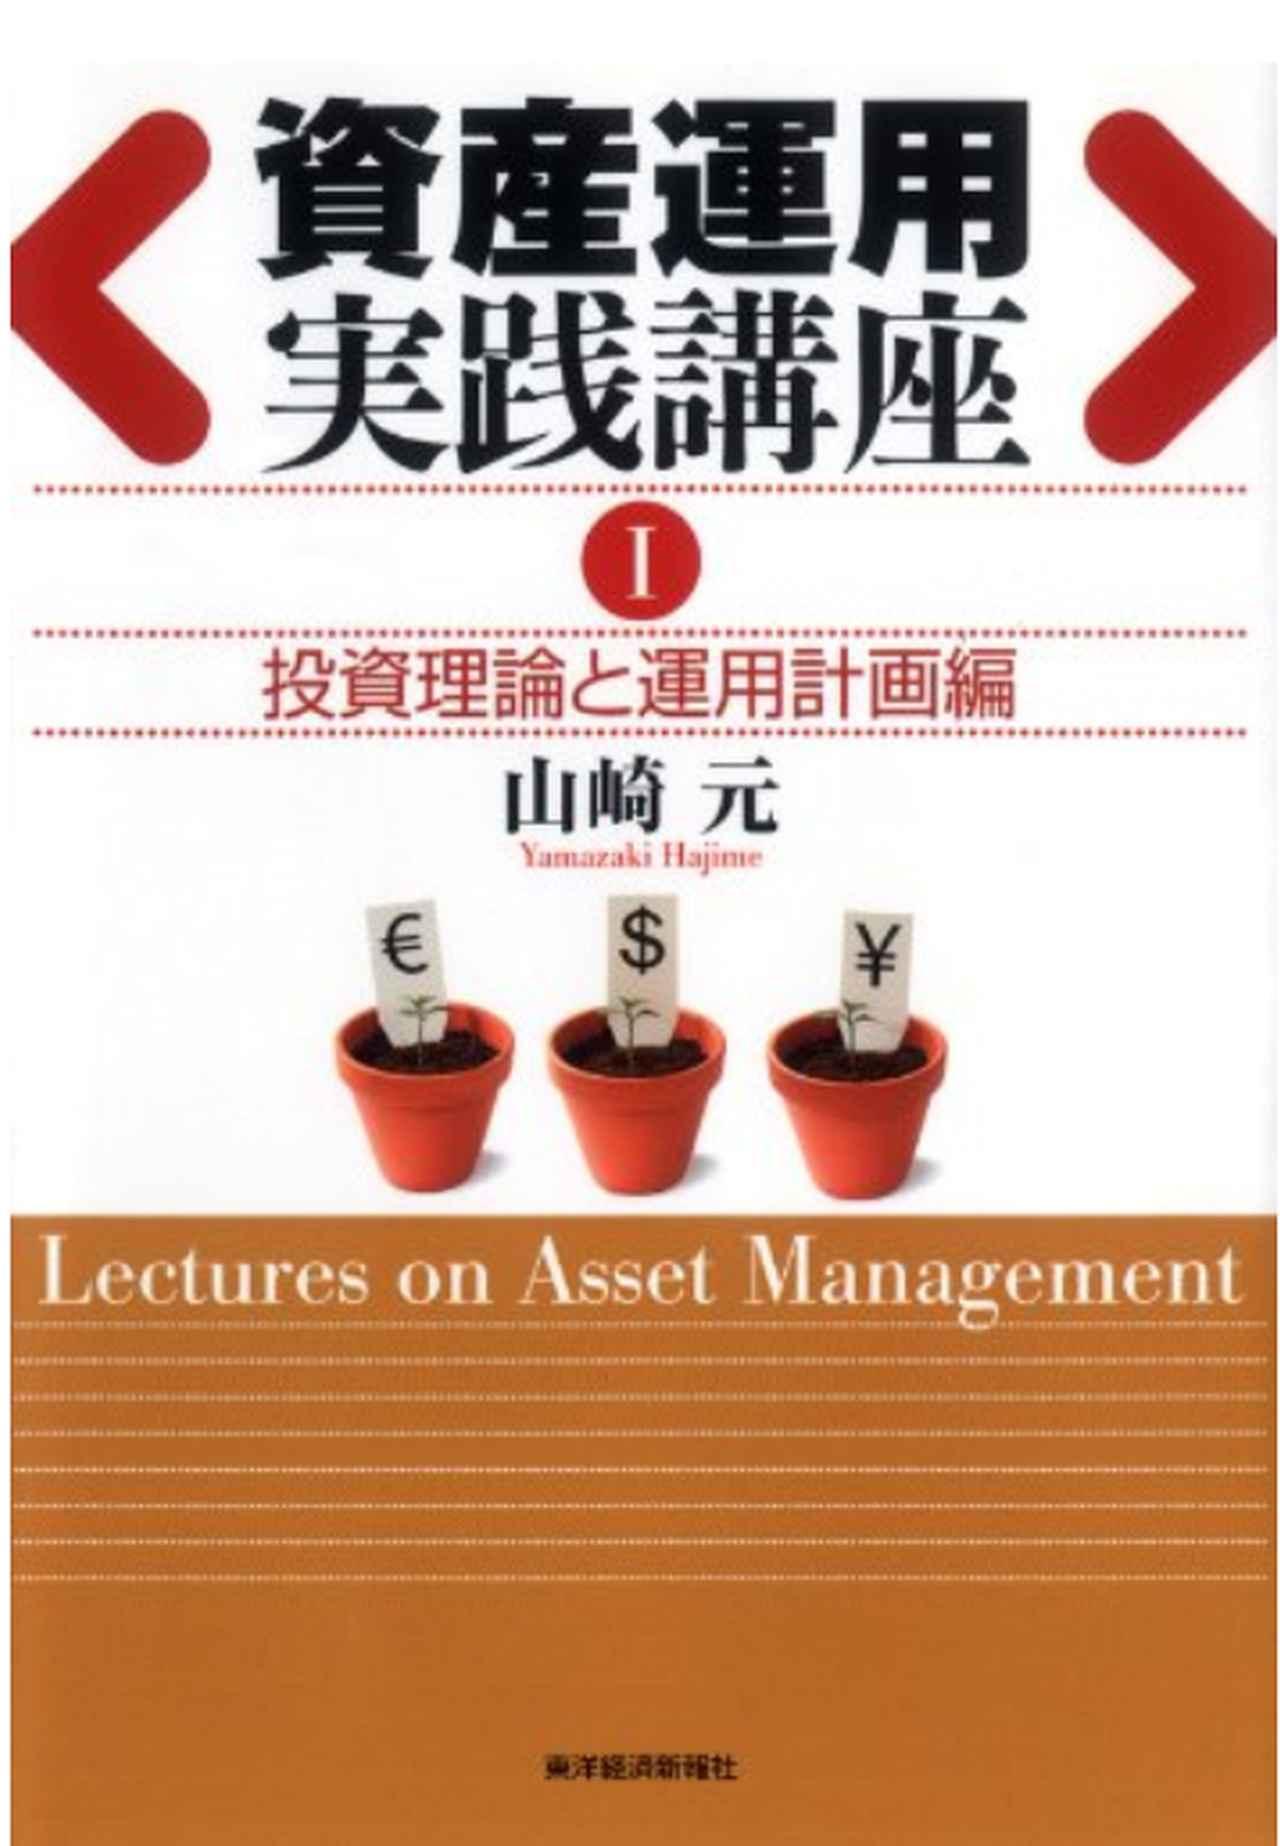 画像3: プロが教える!素人がゼロから株式投資を勉強するためにオススメの3つの方法